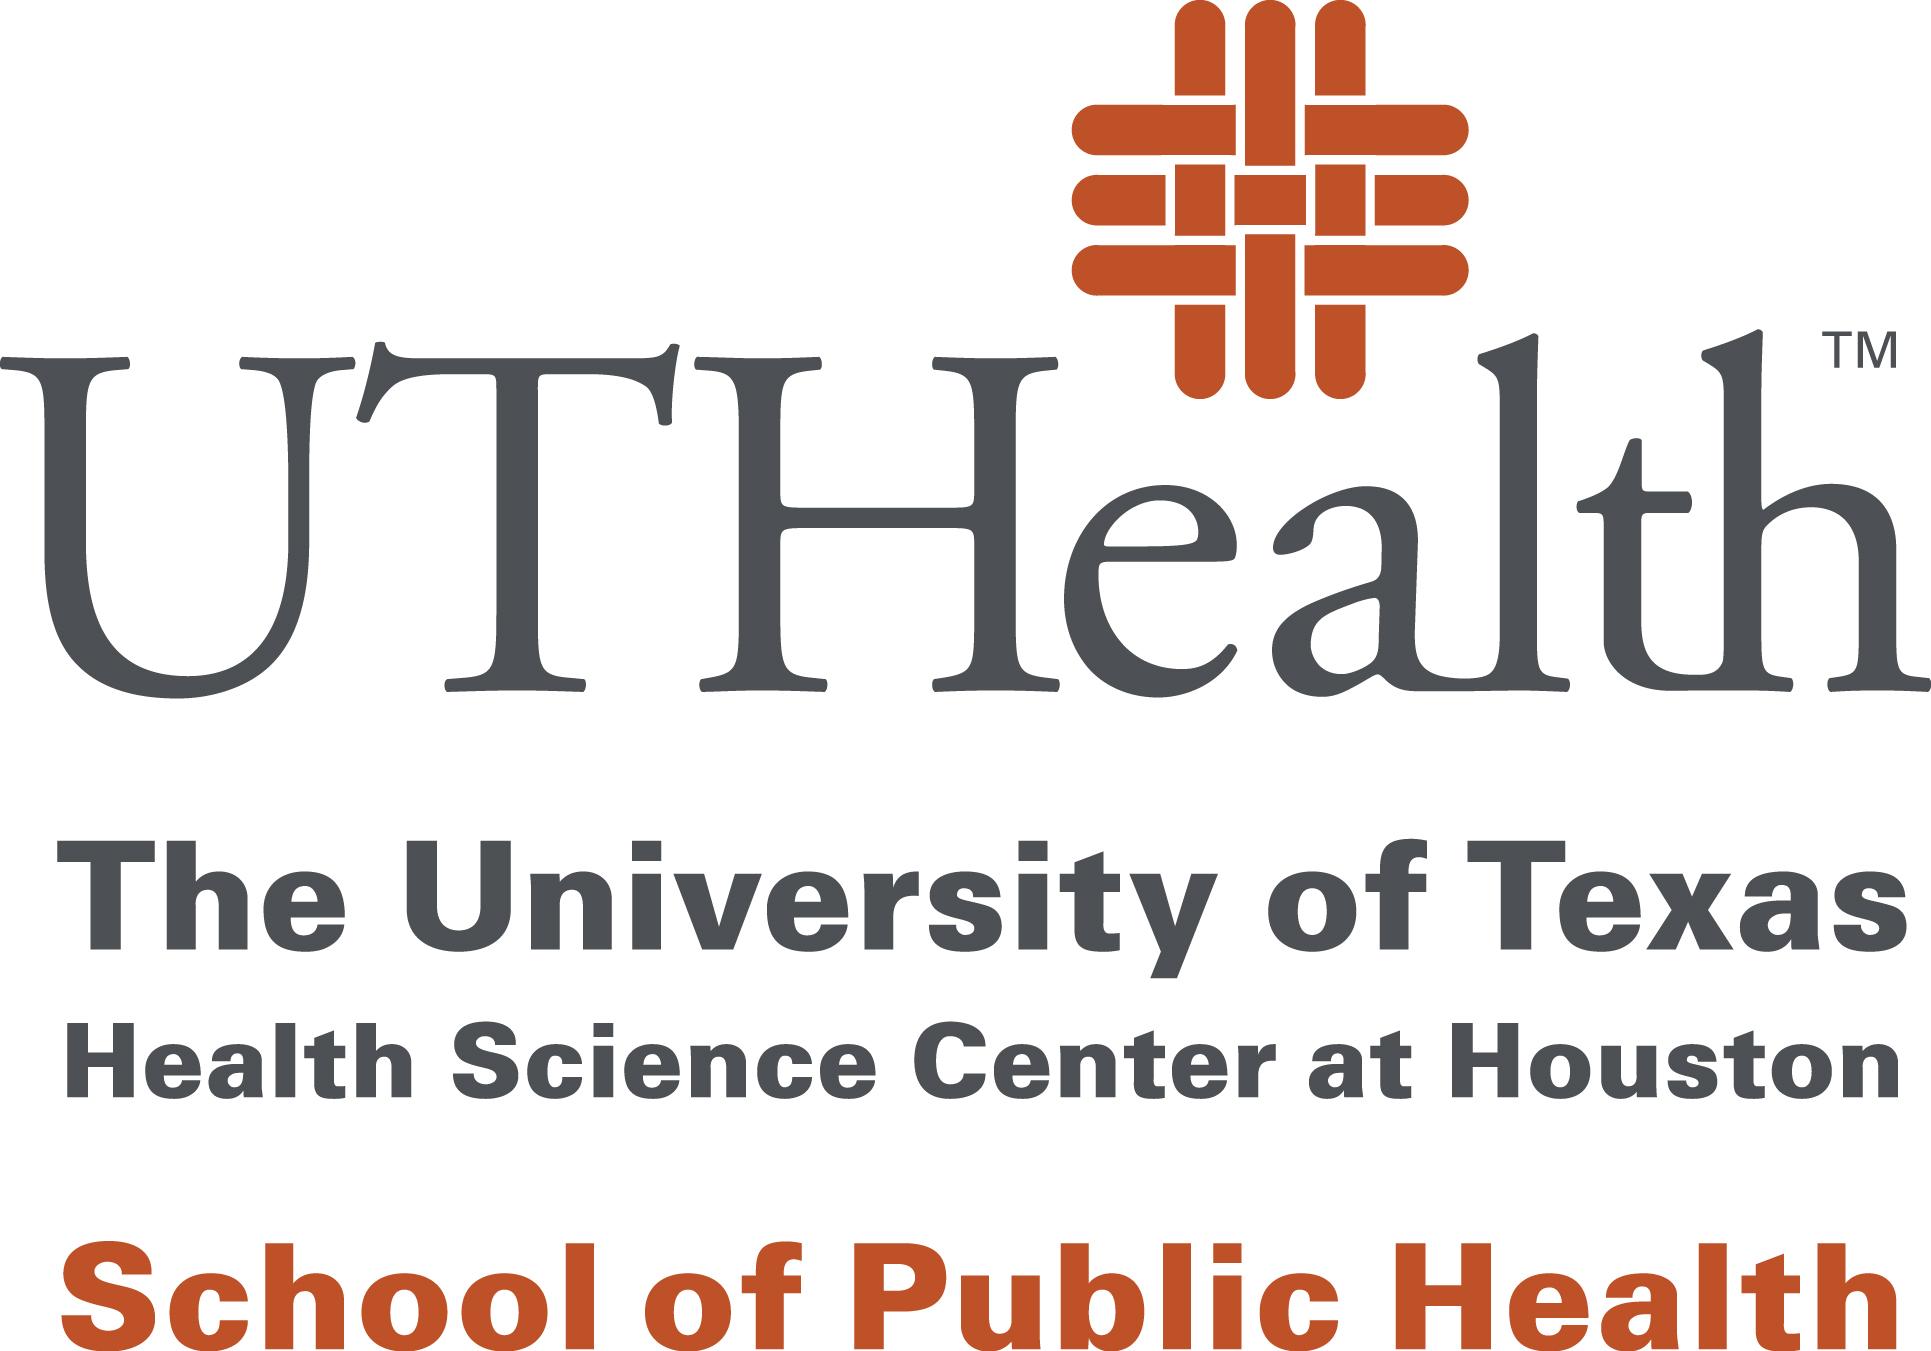 UTHealth_logo.jpg